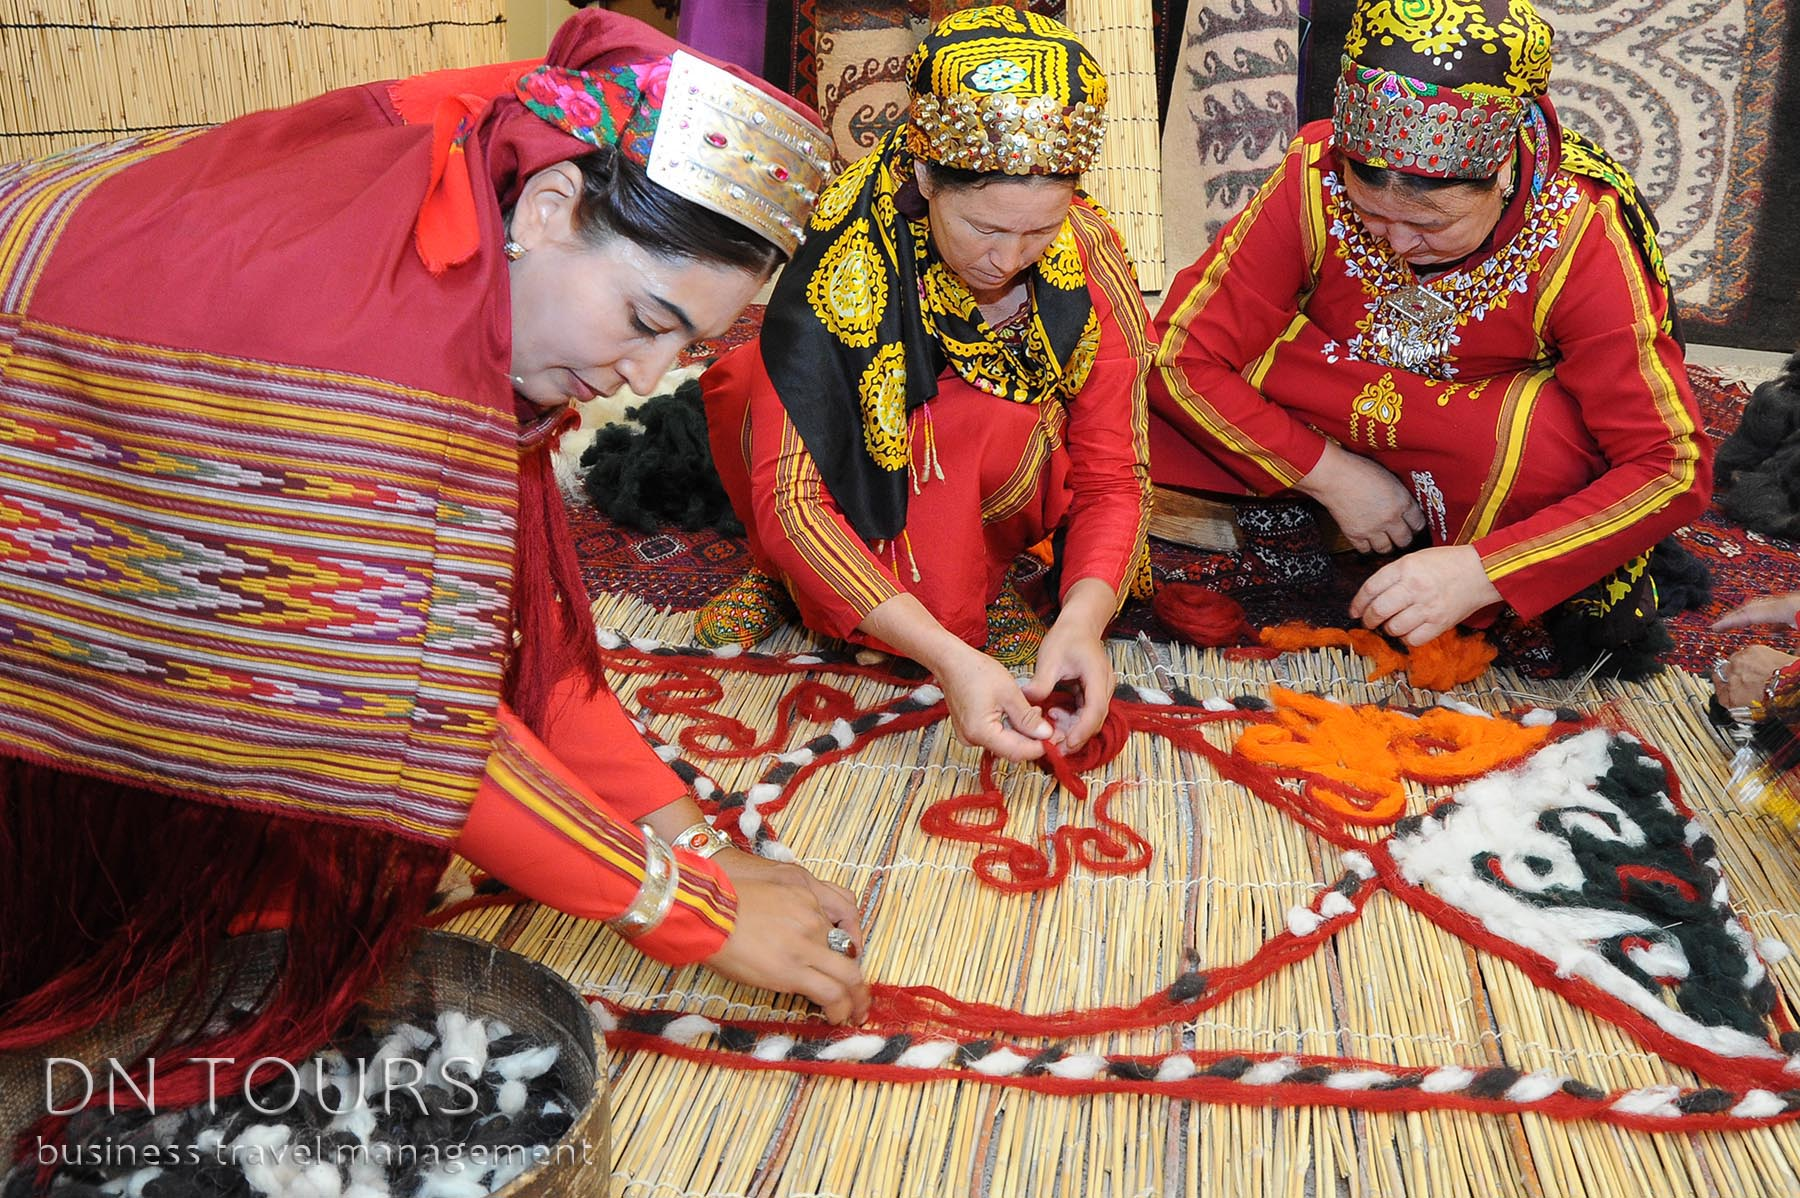 Рукодельные изделия, народное творчество Туркменистан (3)